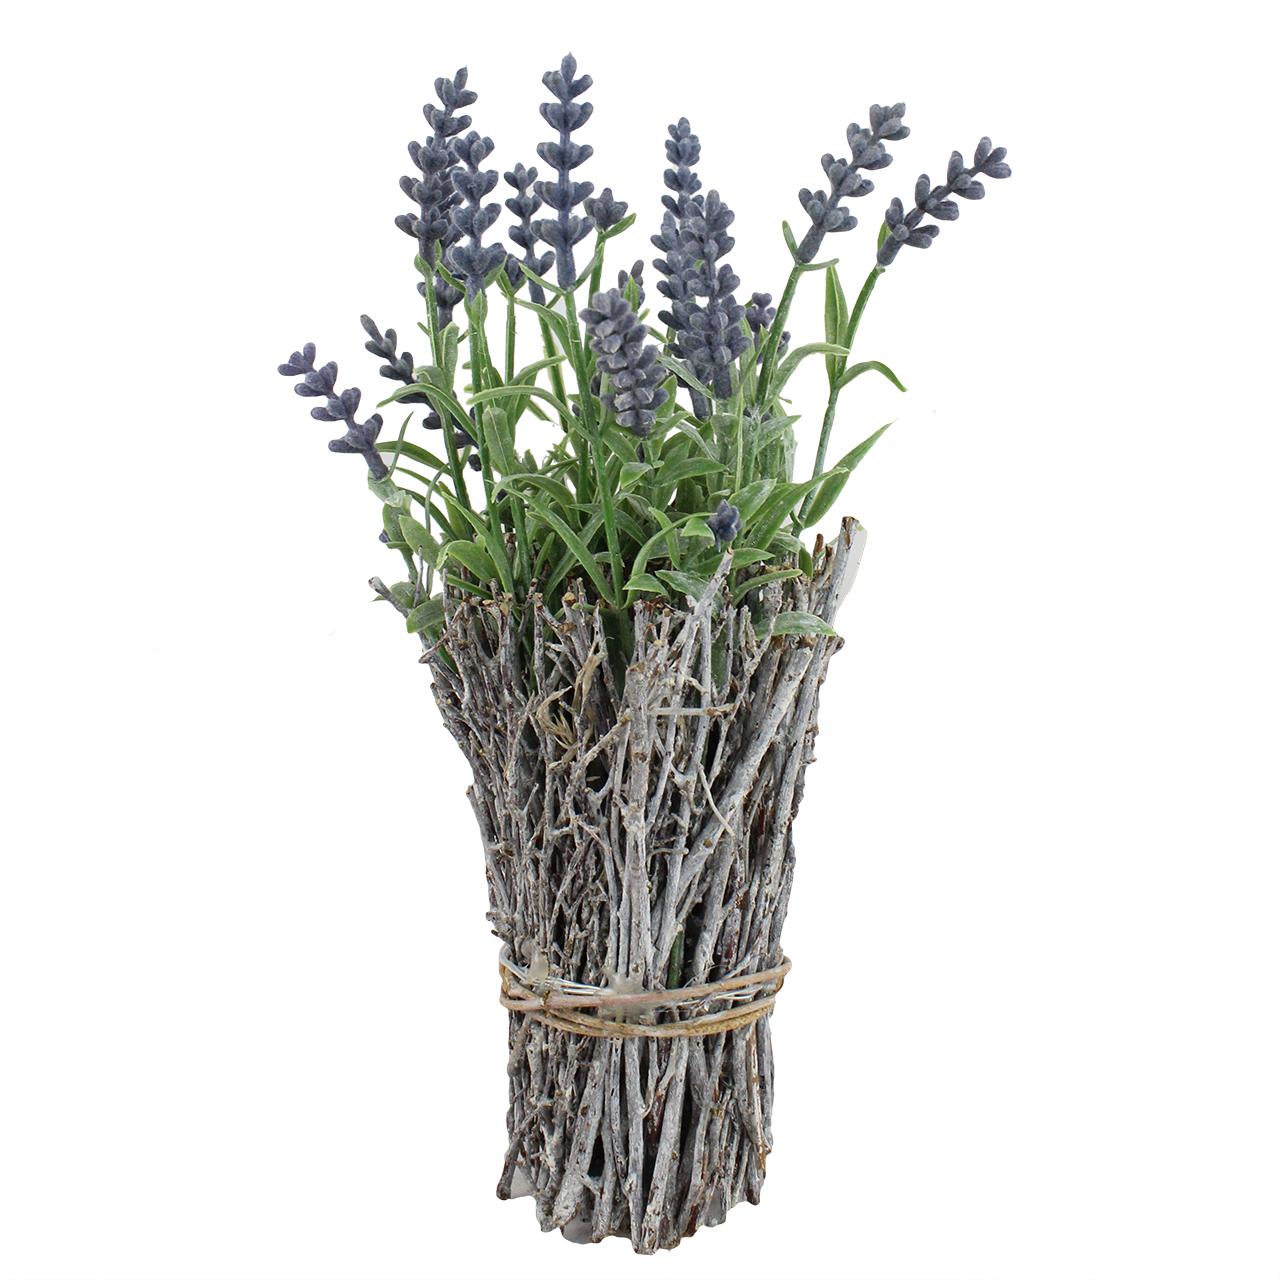 Floare Artificiala Lavanda Cu Nuiele 23 Cm